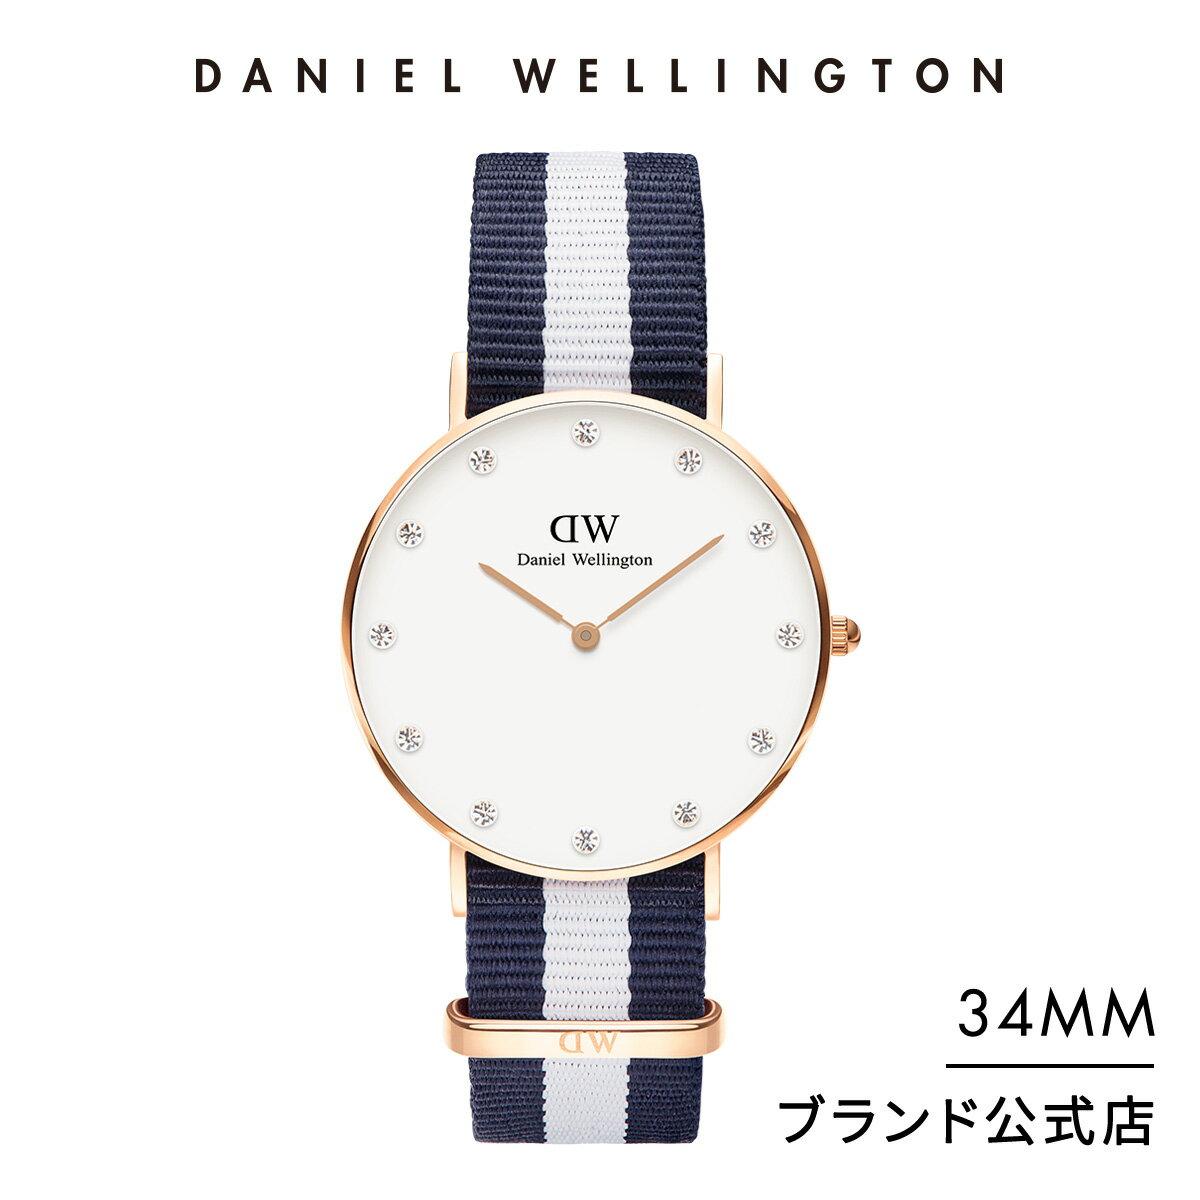 【公式2年保証/送料無料】ダニエルウェリントン公式 レディース 腕時計 Classy Glasgow 34mm Nato スワロフスキー クリスタル クラッシー グラスゴー DW プレゼント おしゃれ インスタ映え ブランド 彼女 彼氏 ペアスタイルに最適 ギフト